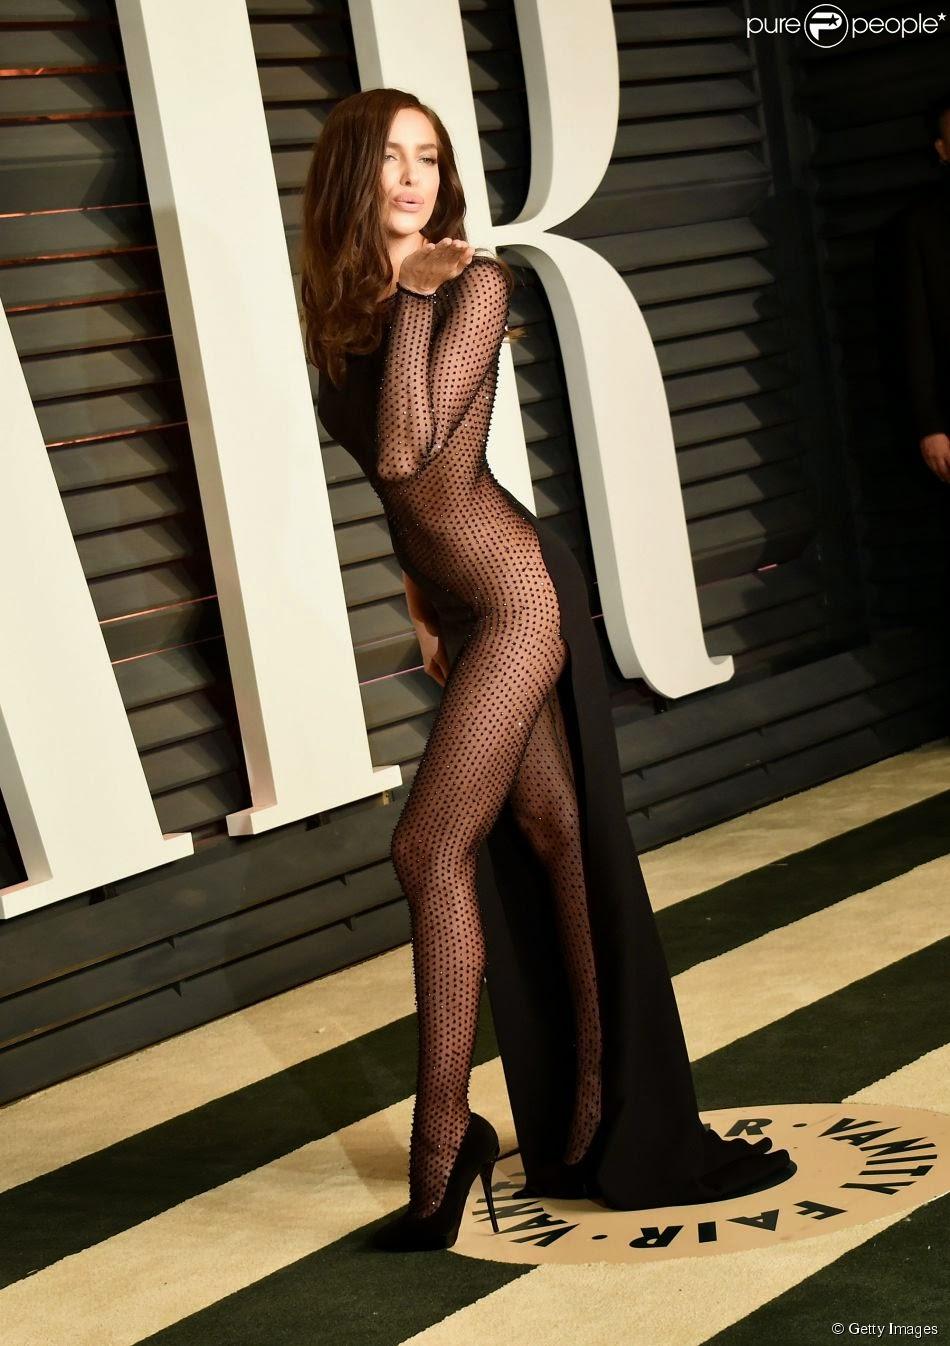 Irina Shayk  com problemas de afirmação?  Festa Vanity Fair 2015